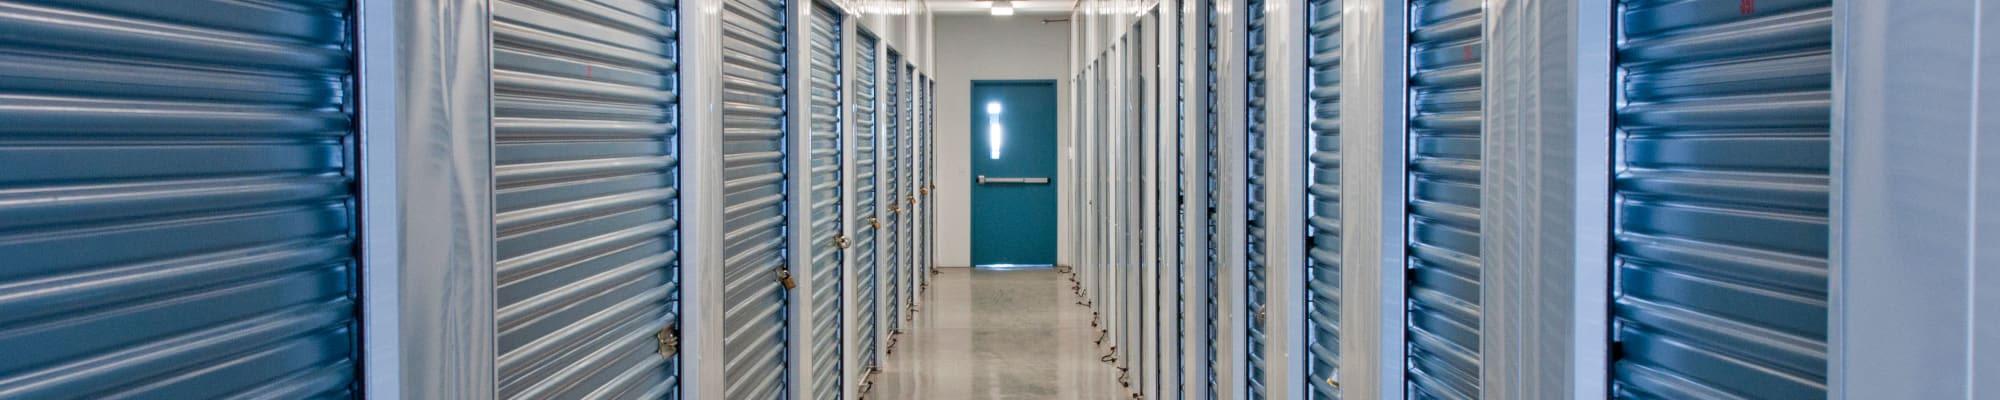 Boat storage at Storage Star Ben White in Austin, Texas